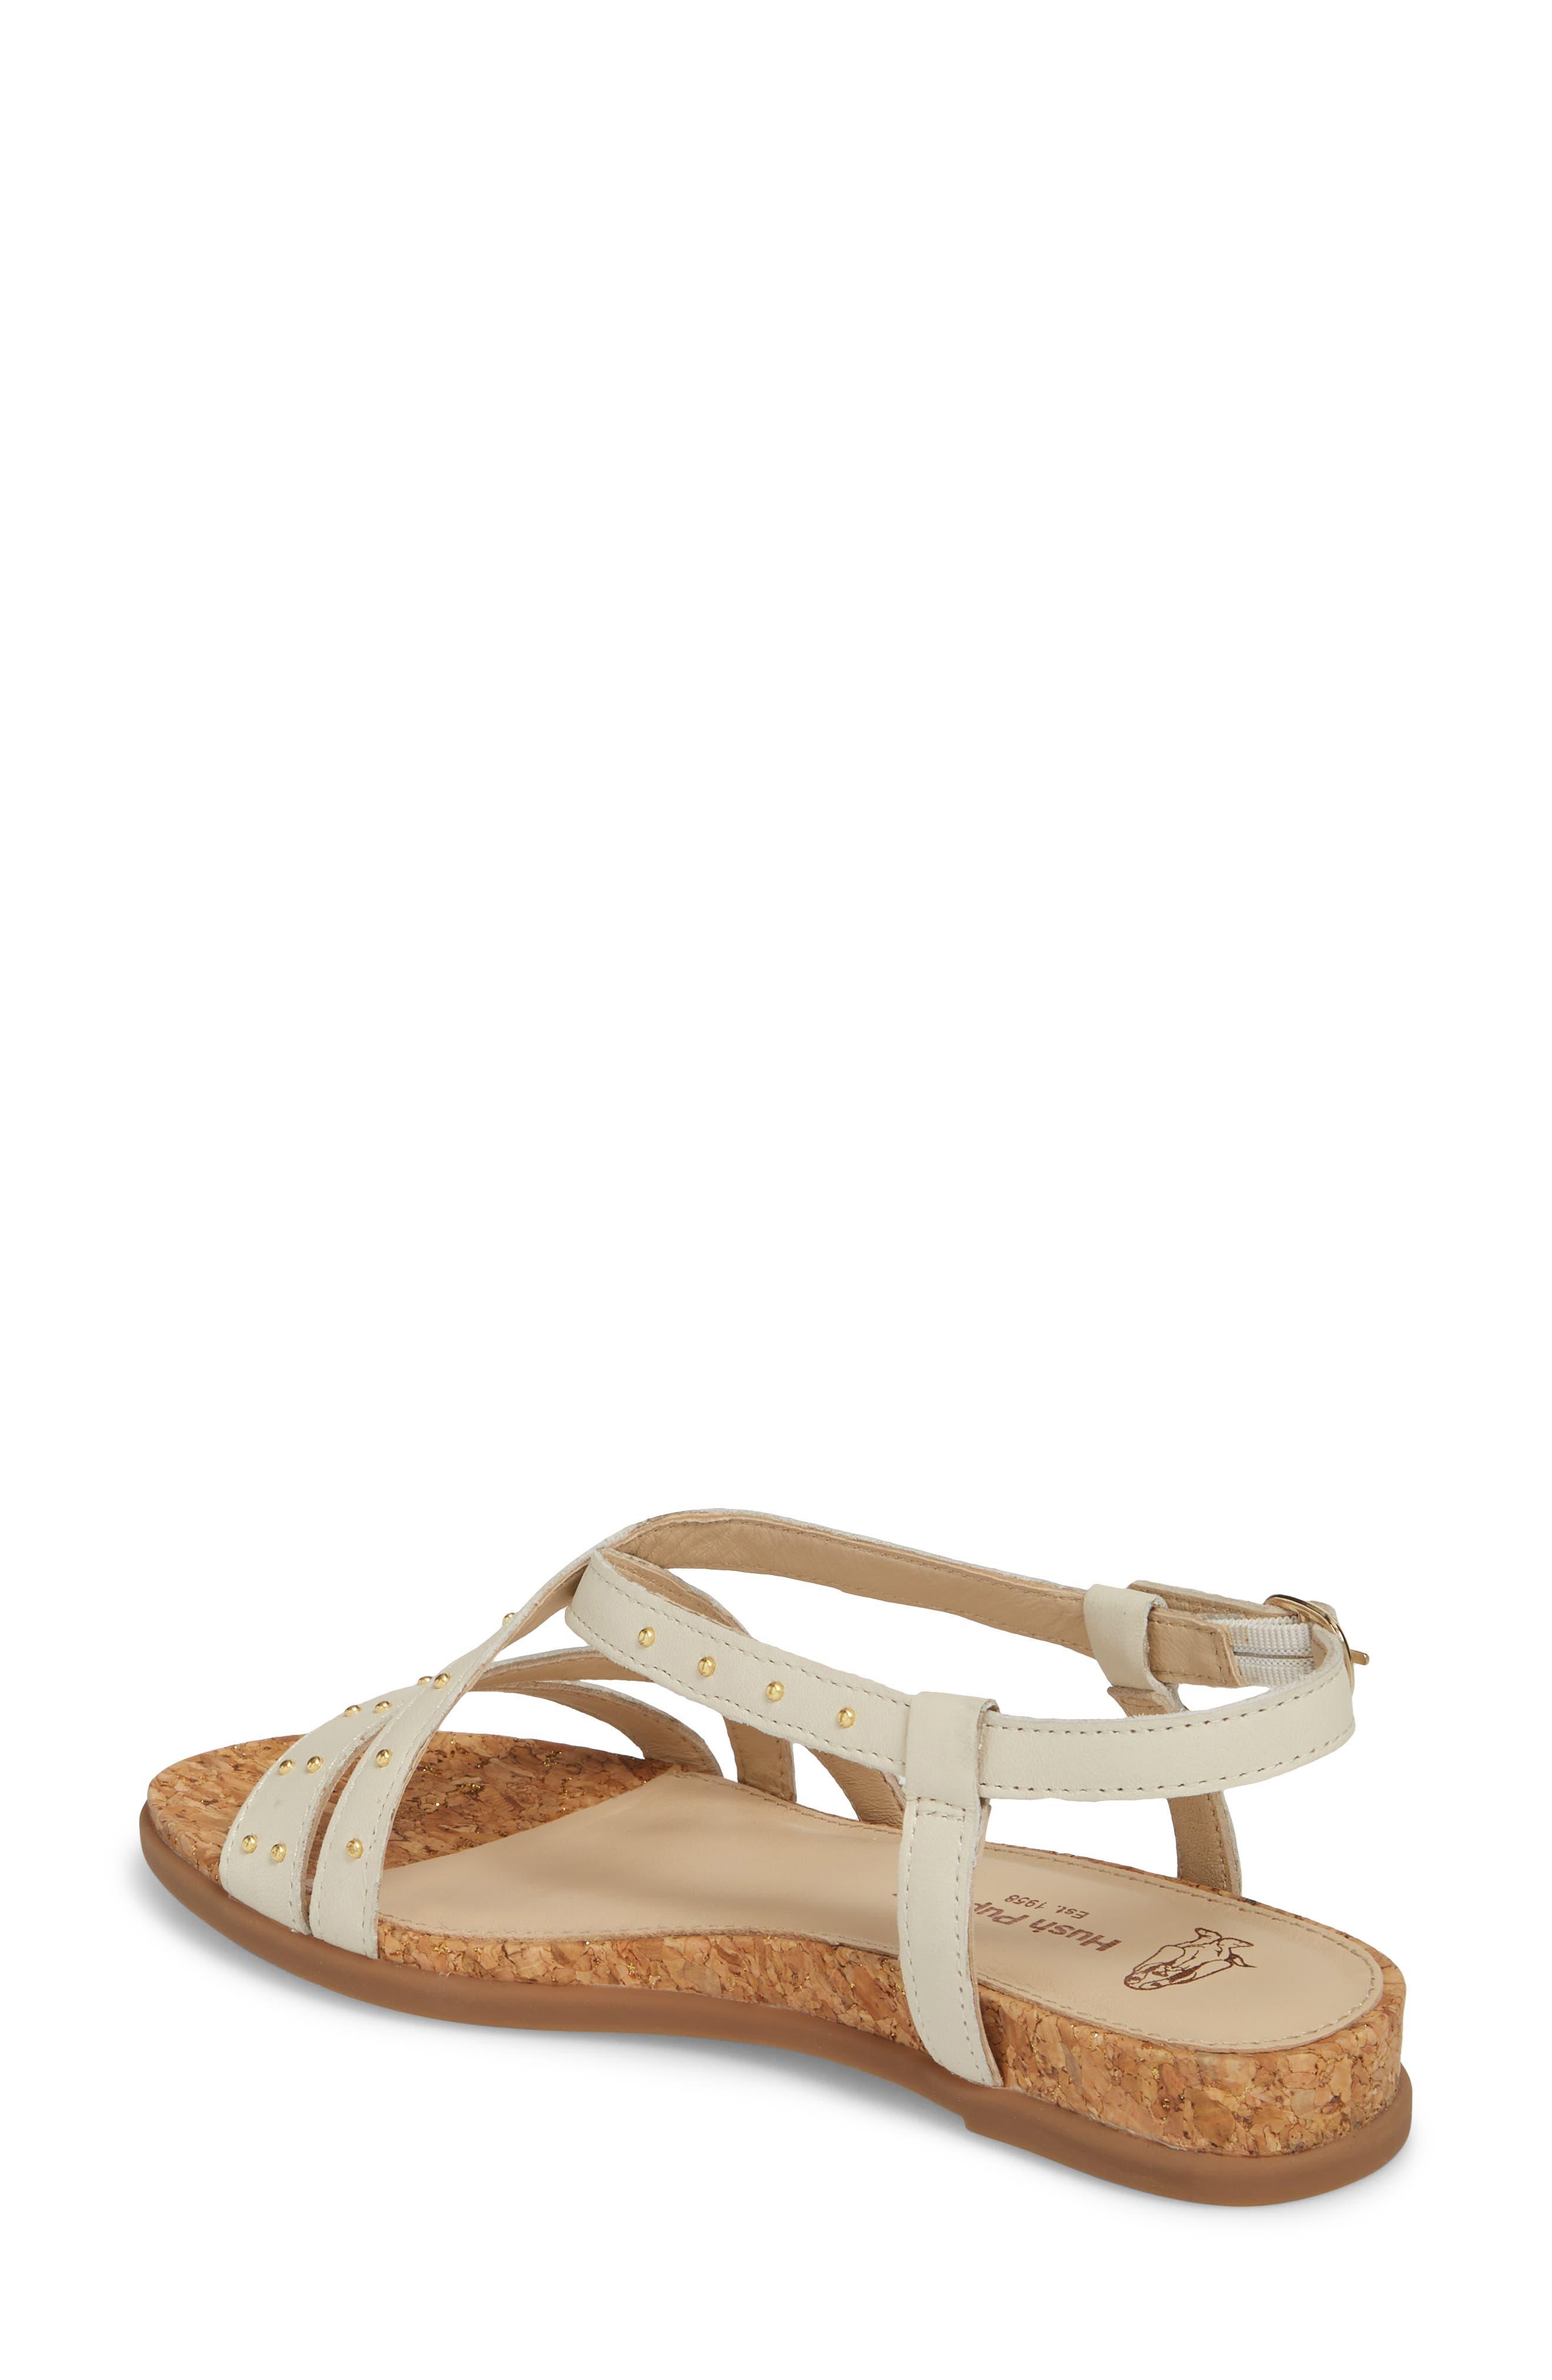 Dalmatian Studded Sandal,                             Alternate thumbnail 8, color,